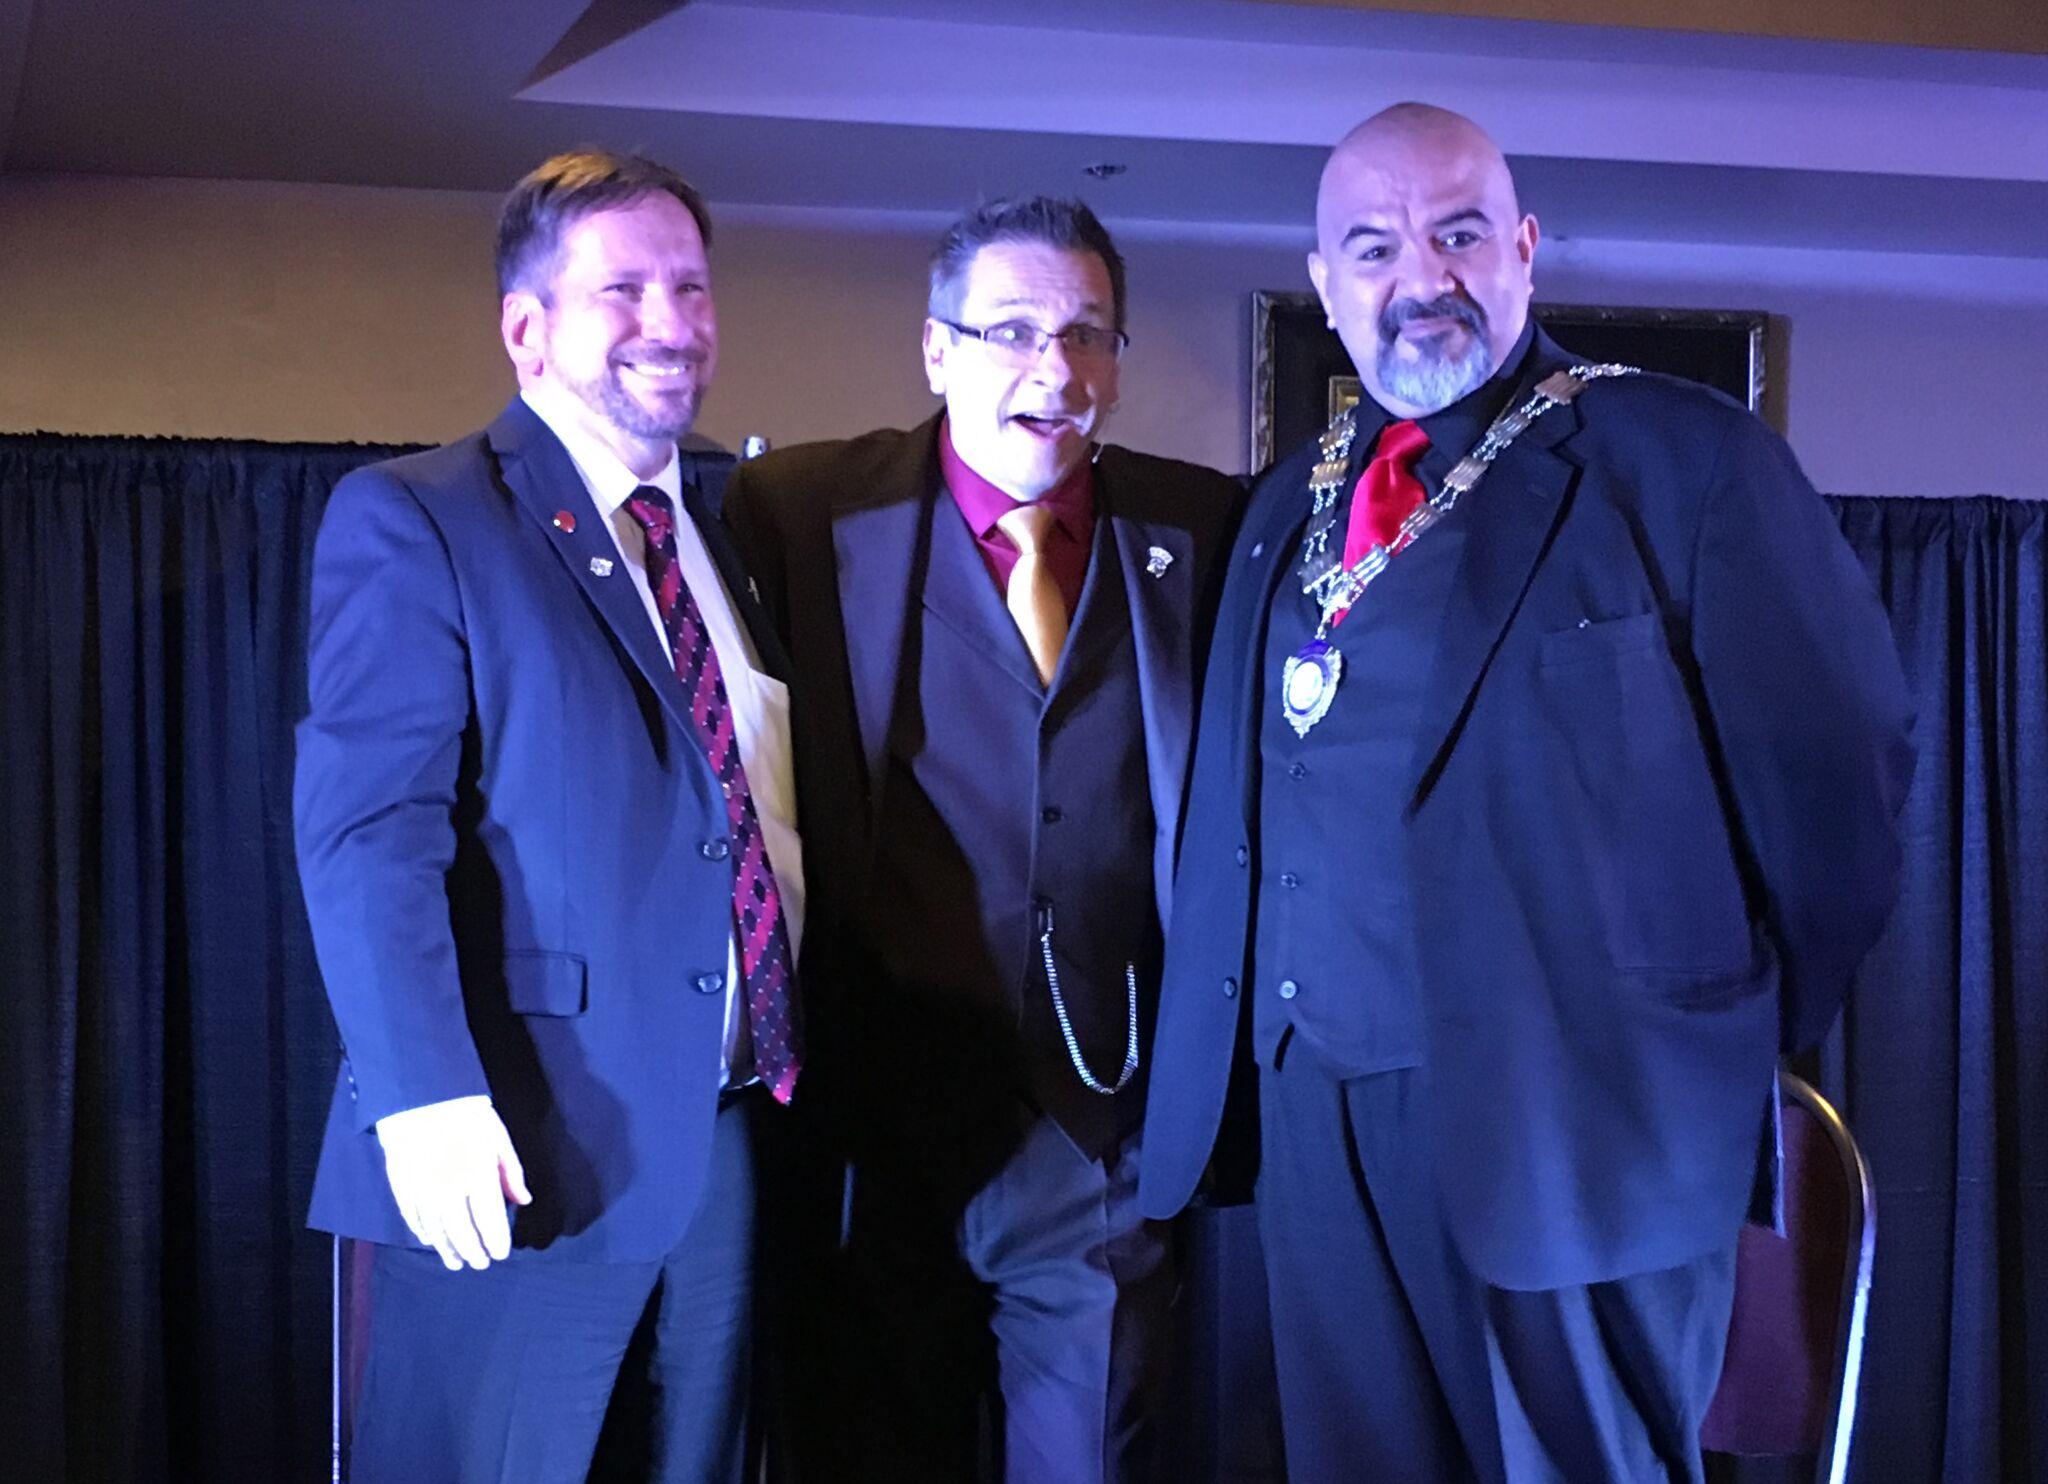 Jeff Sikora, Shawn Farquhar and Oscar Munoz